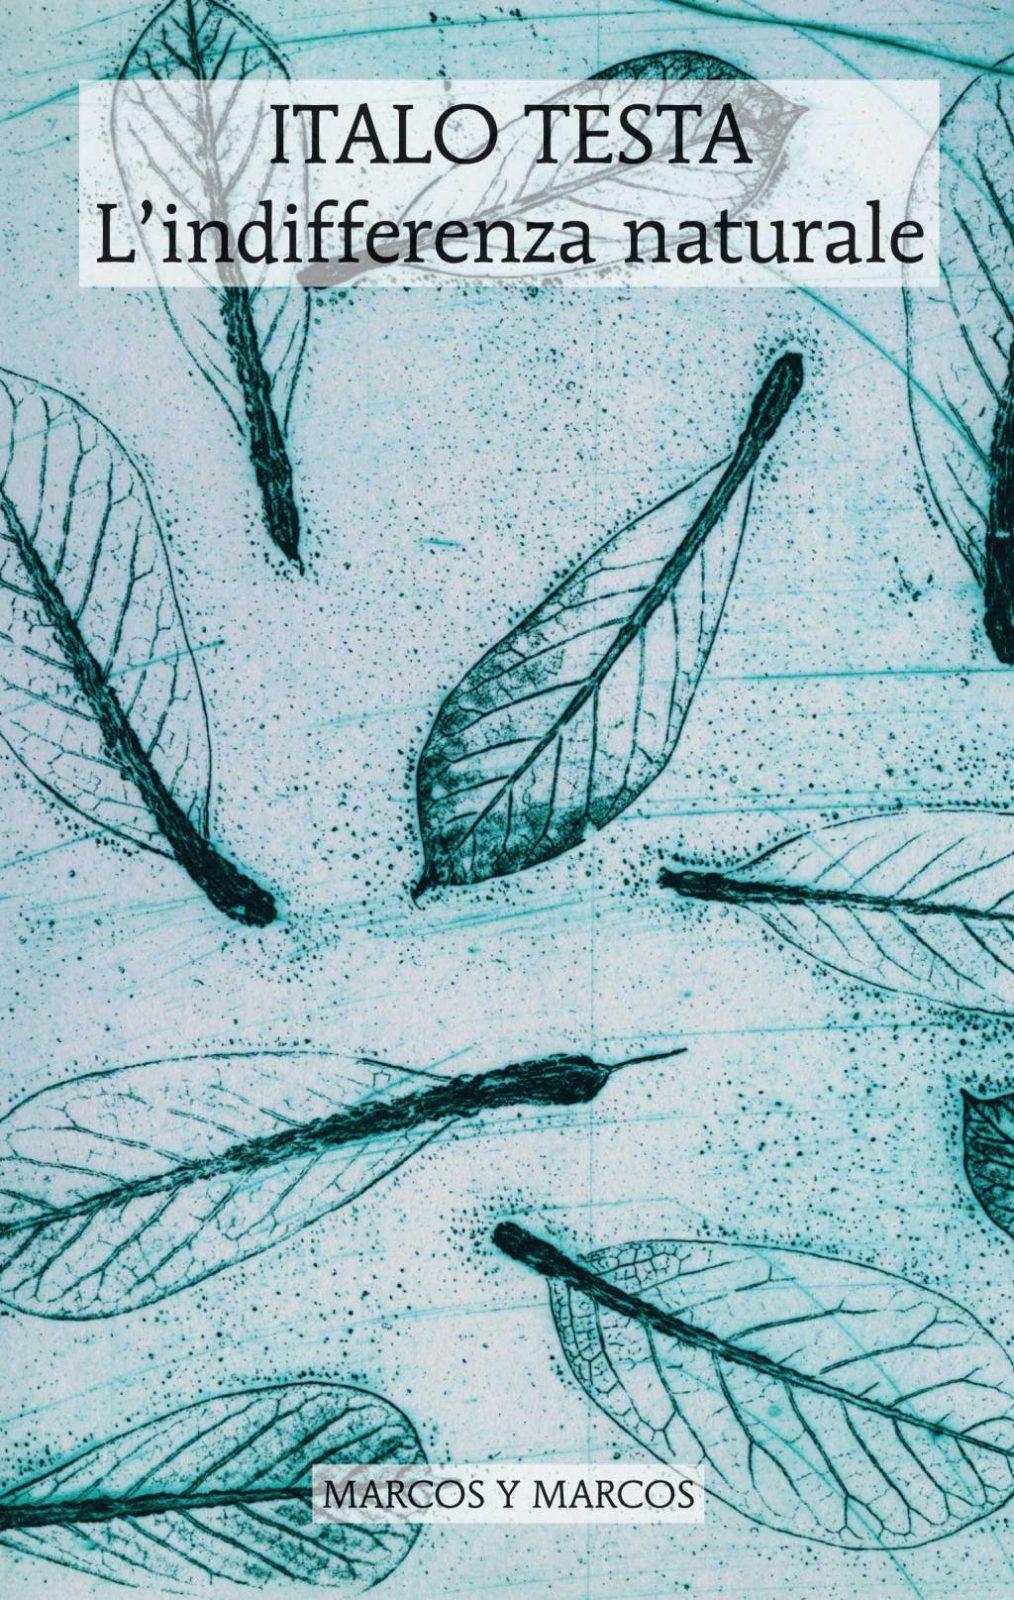 """Italo Testa, """"la poesia ha una natura topologica, è un'escrescenza dei luoghi che ci abitano""""."""